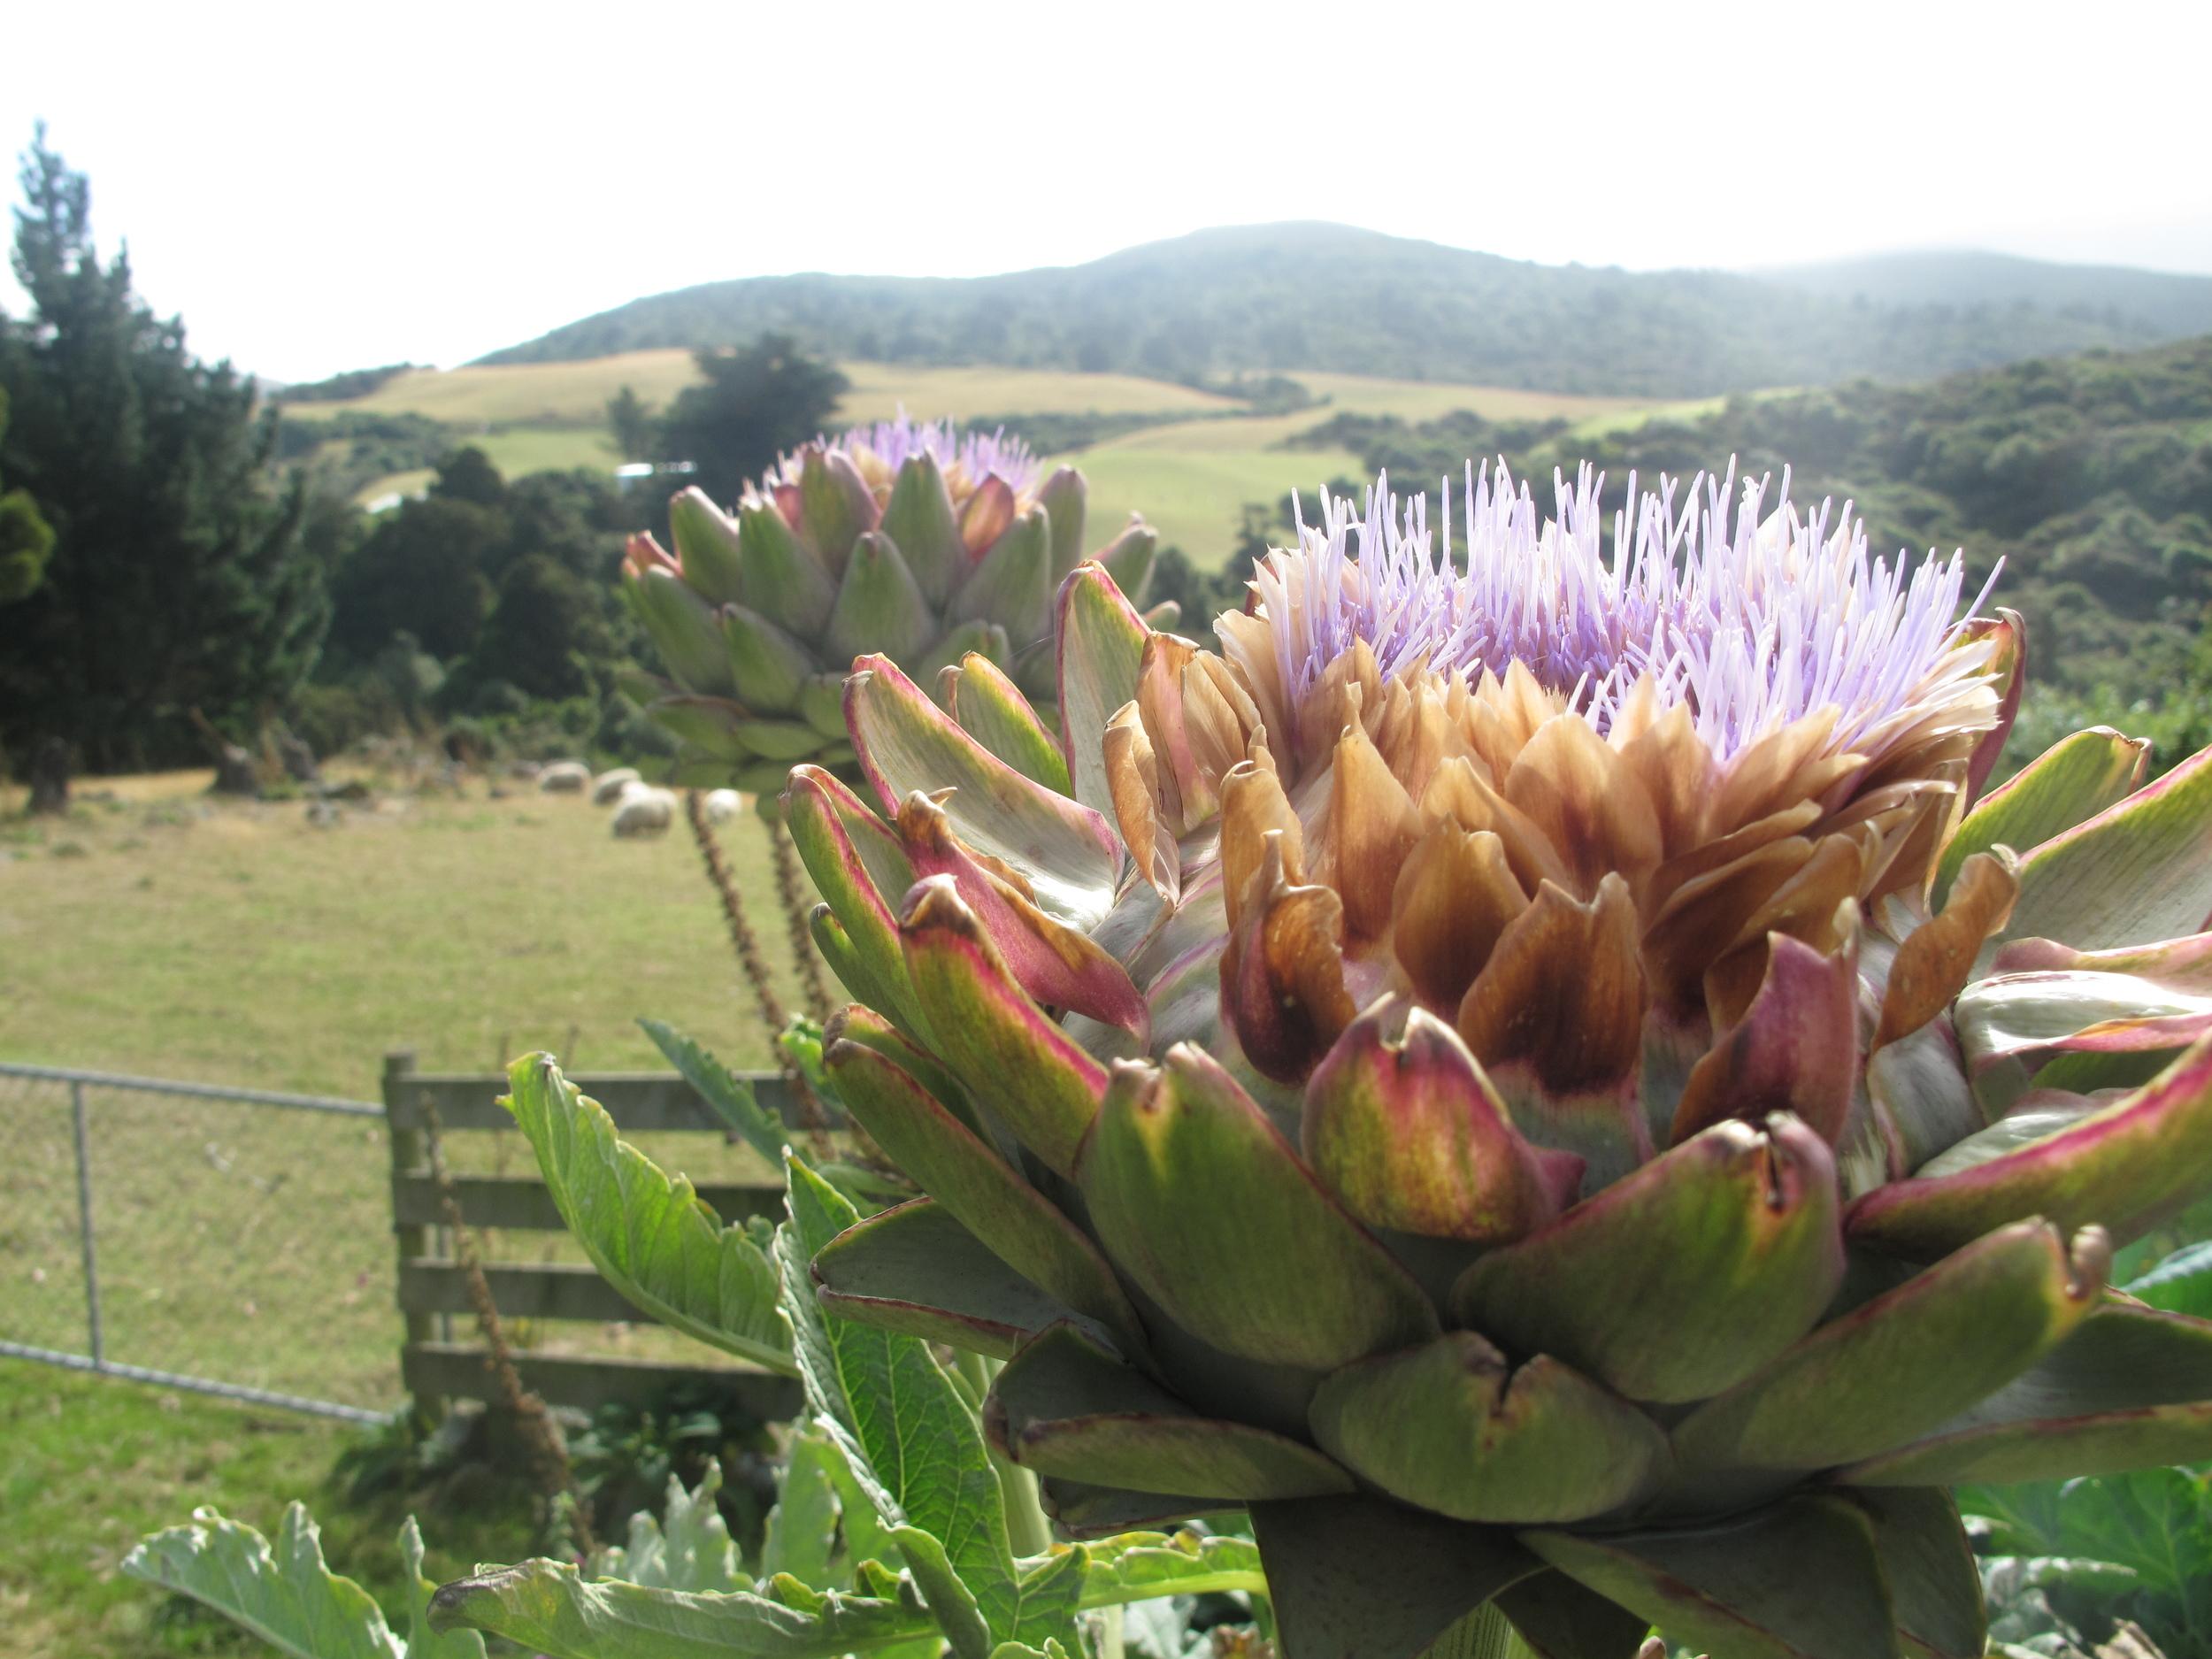 Artichoke flowers in a veggie garden in the hills of NZ